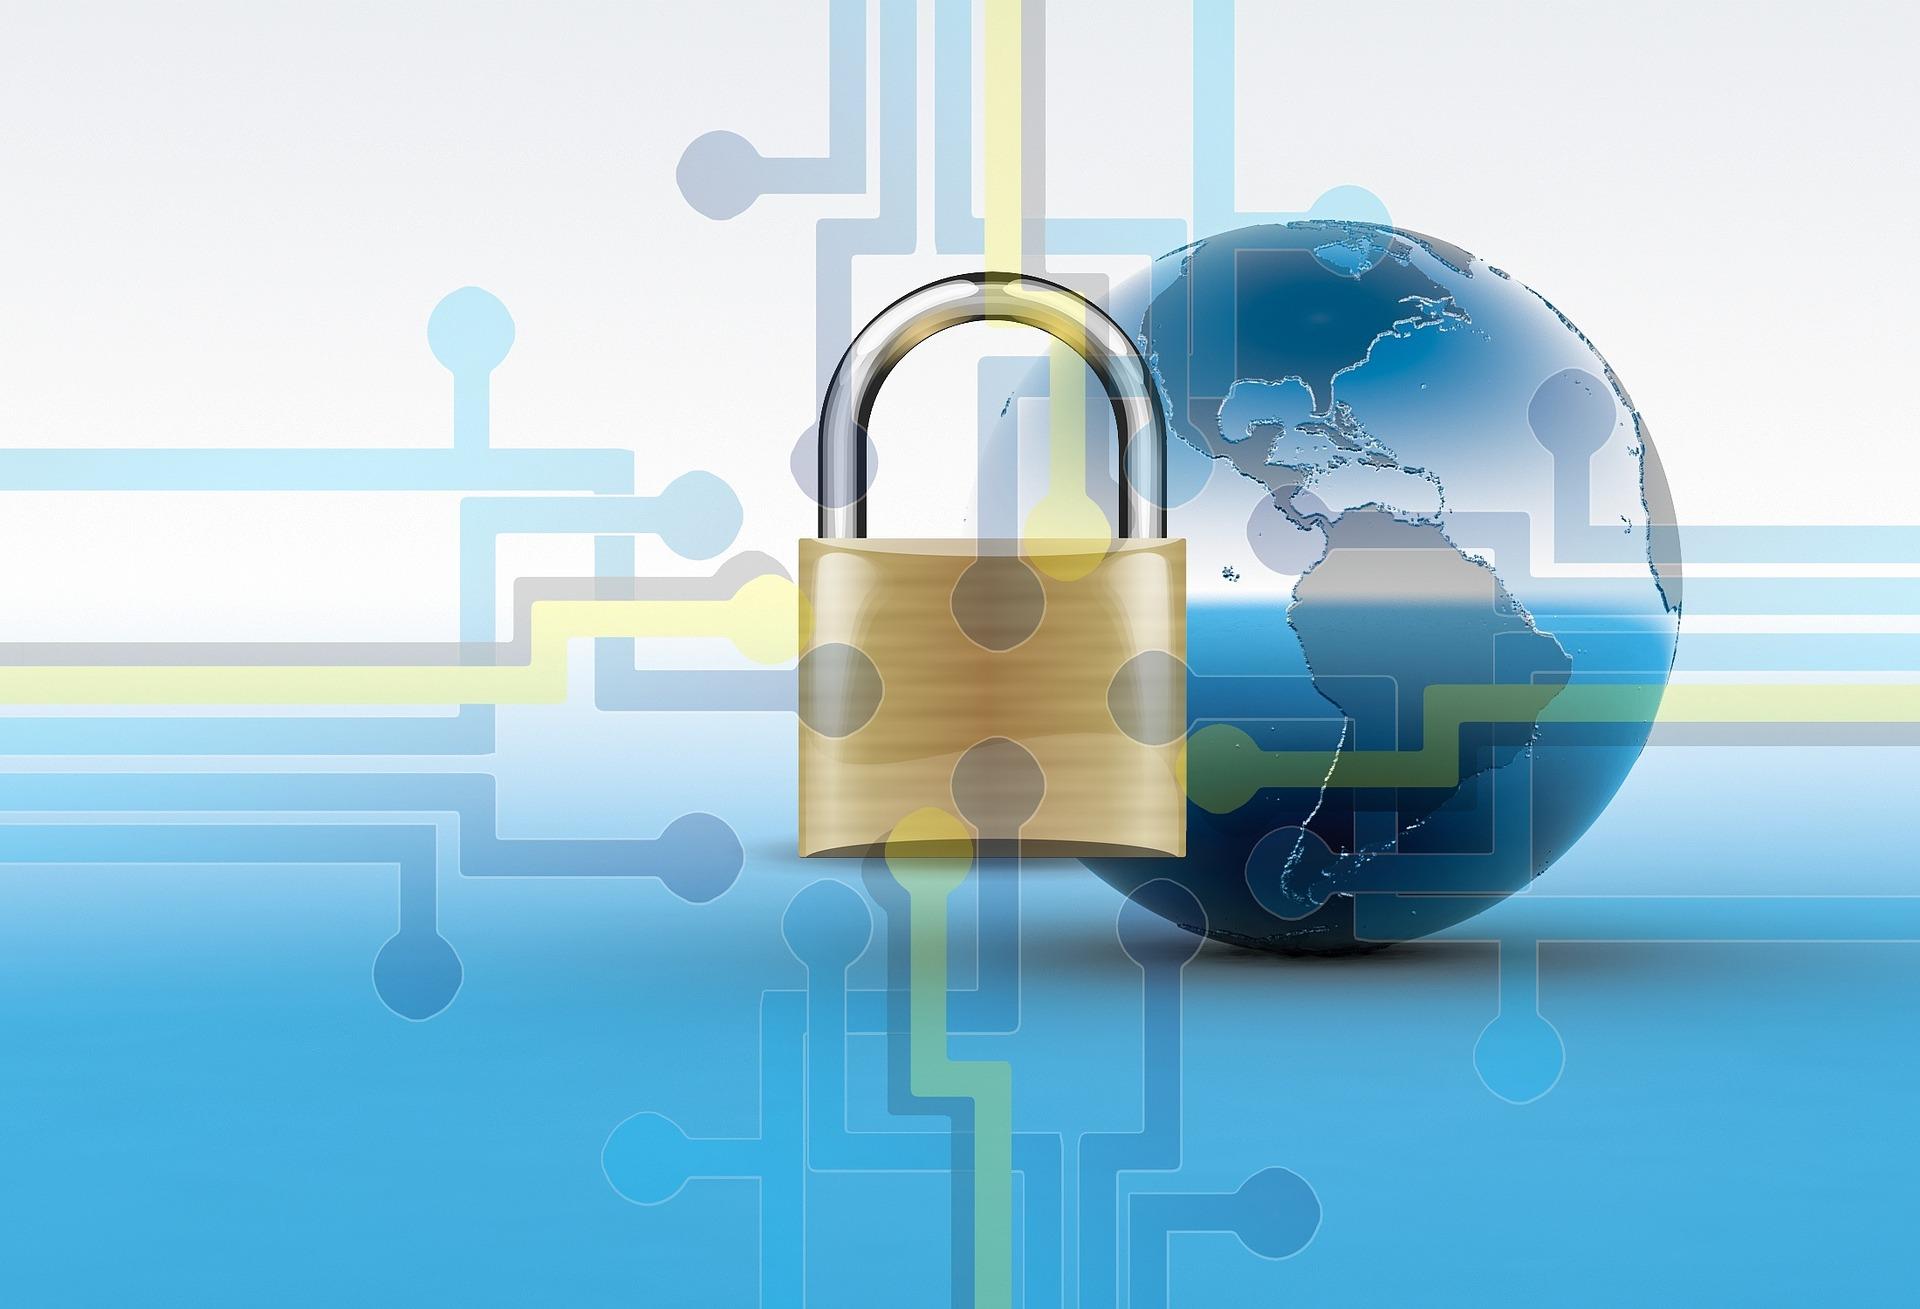 SSL illustration